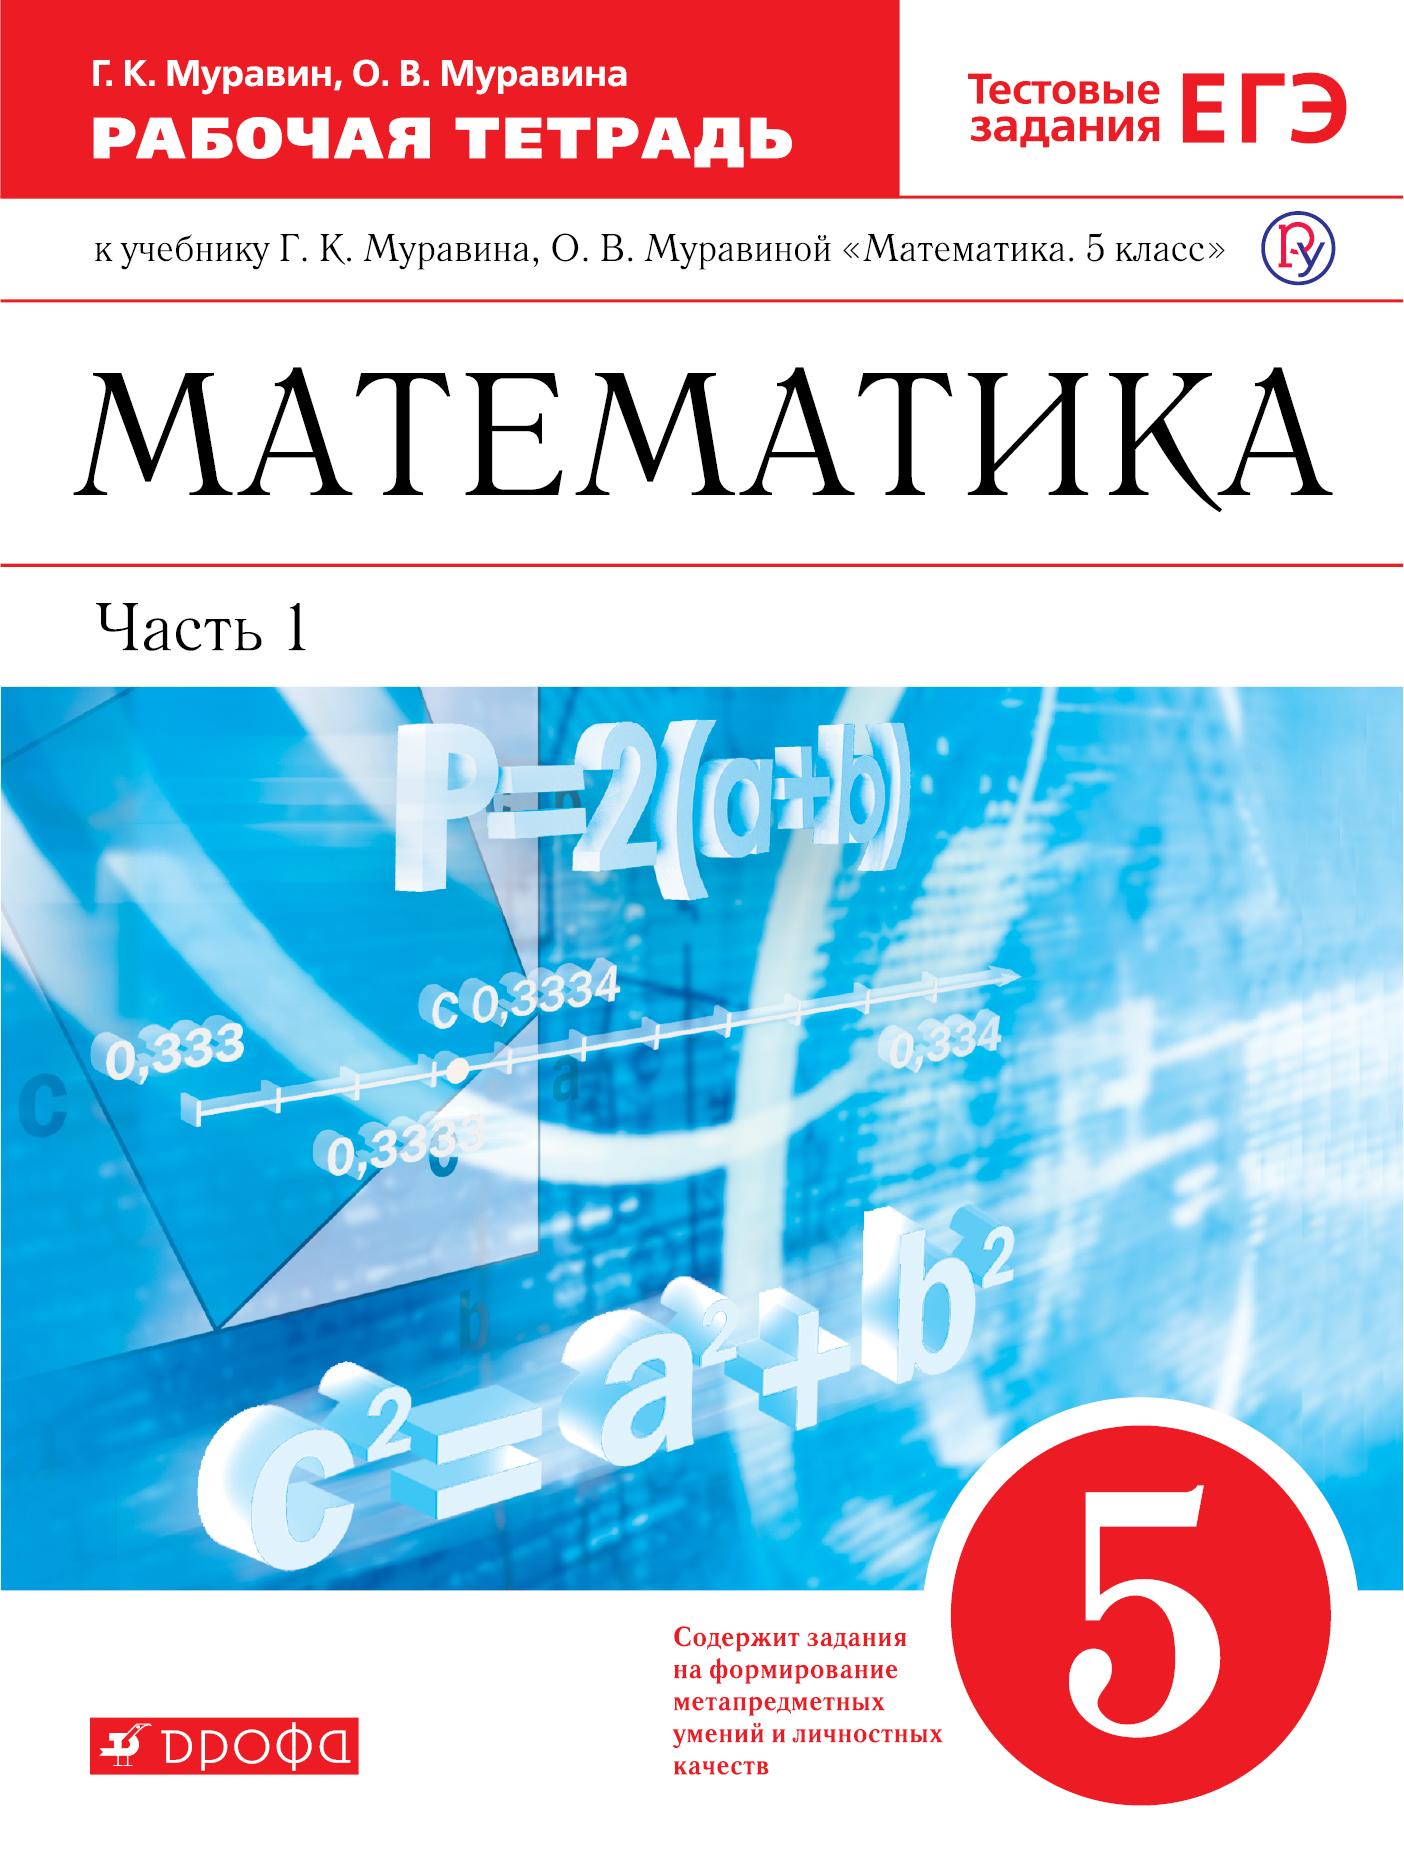 Муравин Г.К., Муравина О.В. Математика. 5 класс. Рабочая тетрадь (с тестовыми заданиями ЕГЭ). Часть 1